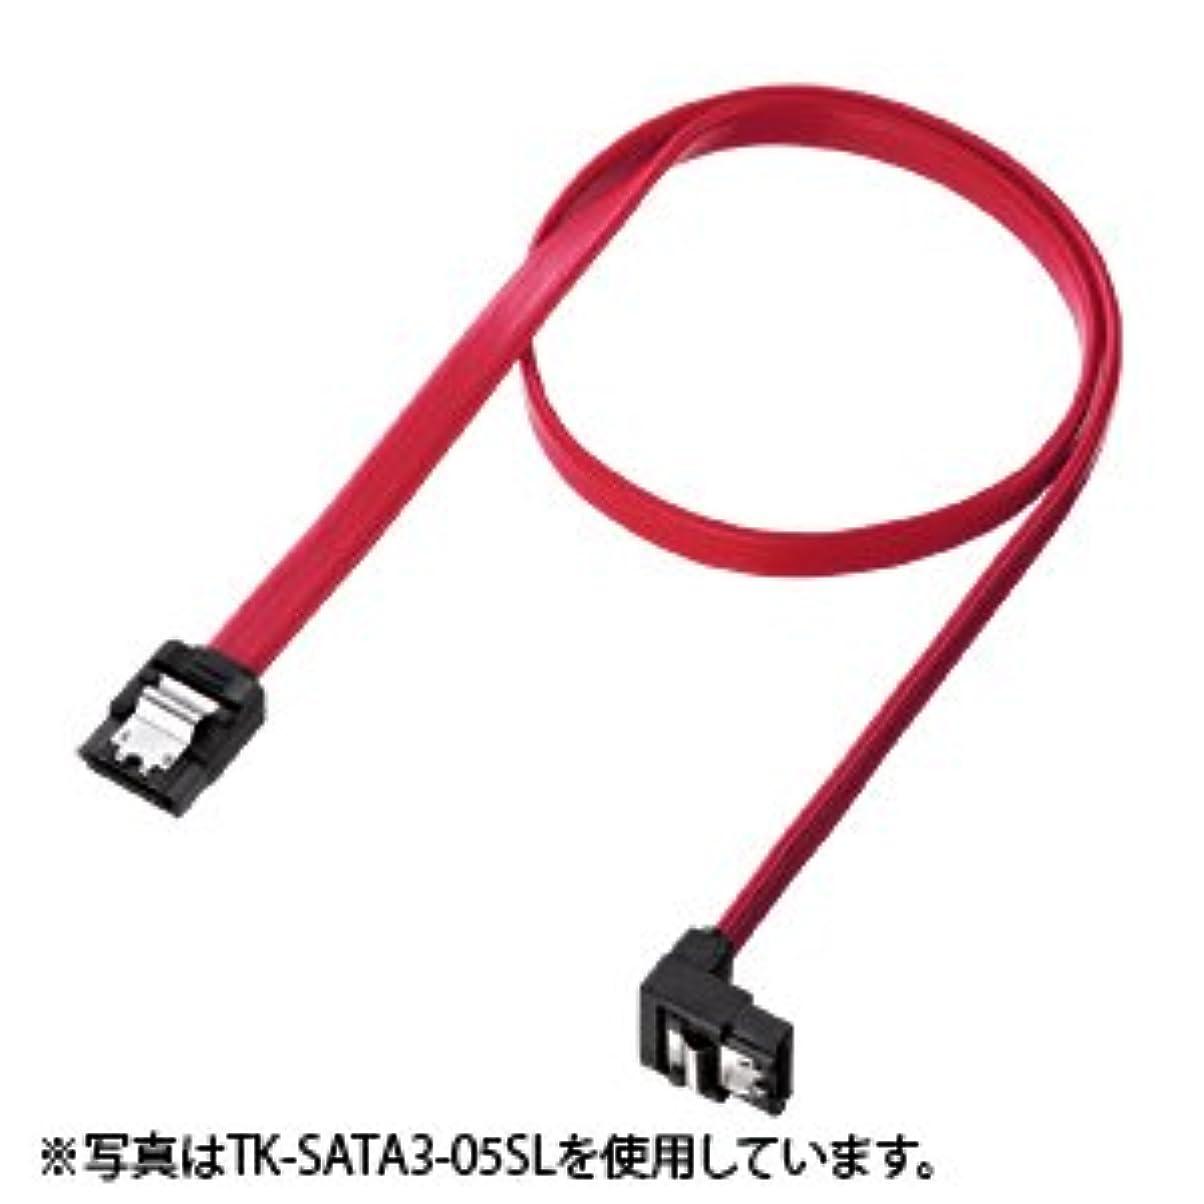 清める出力そしてサンワサプライ アウトレット 下L型 シリアルATA3 ケーブル 0.3m TK-SATA3-03SL 箱にキズ、汚れのあるアウトレット品です。